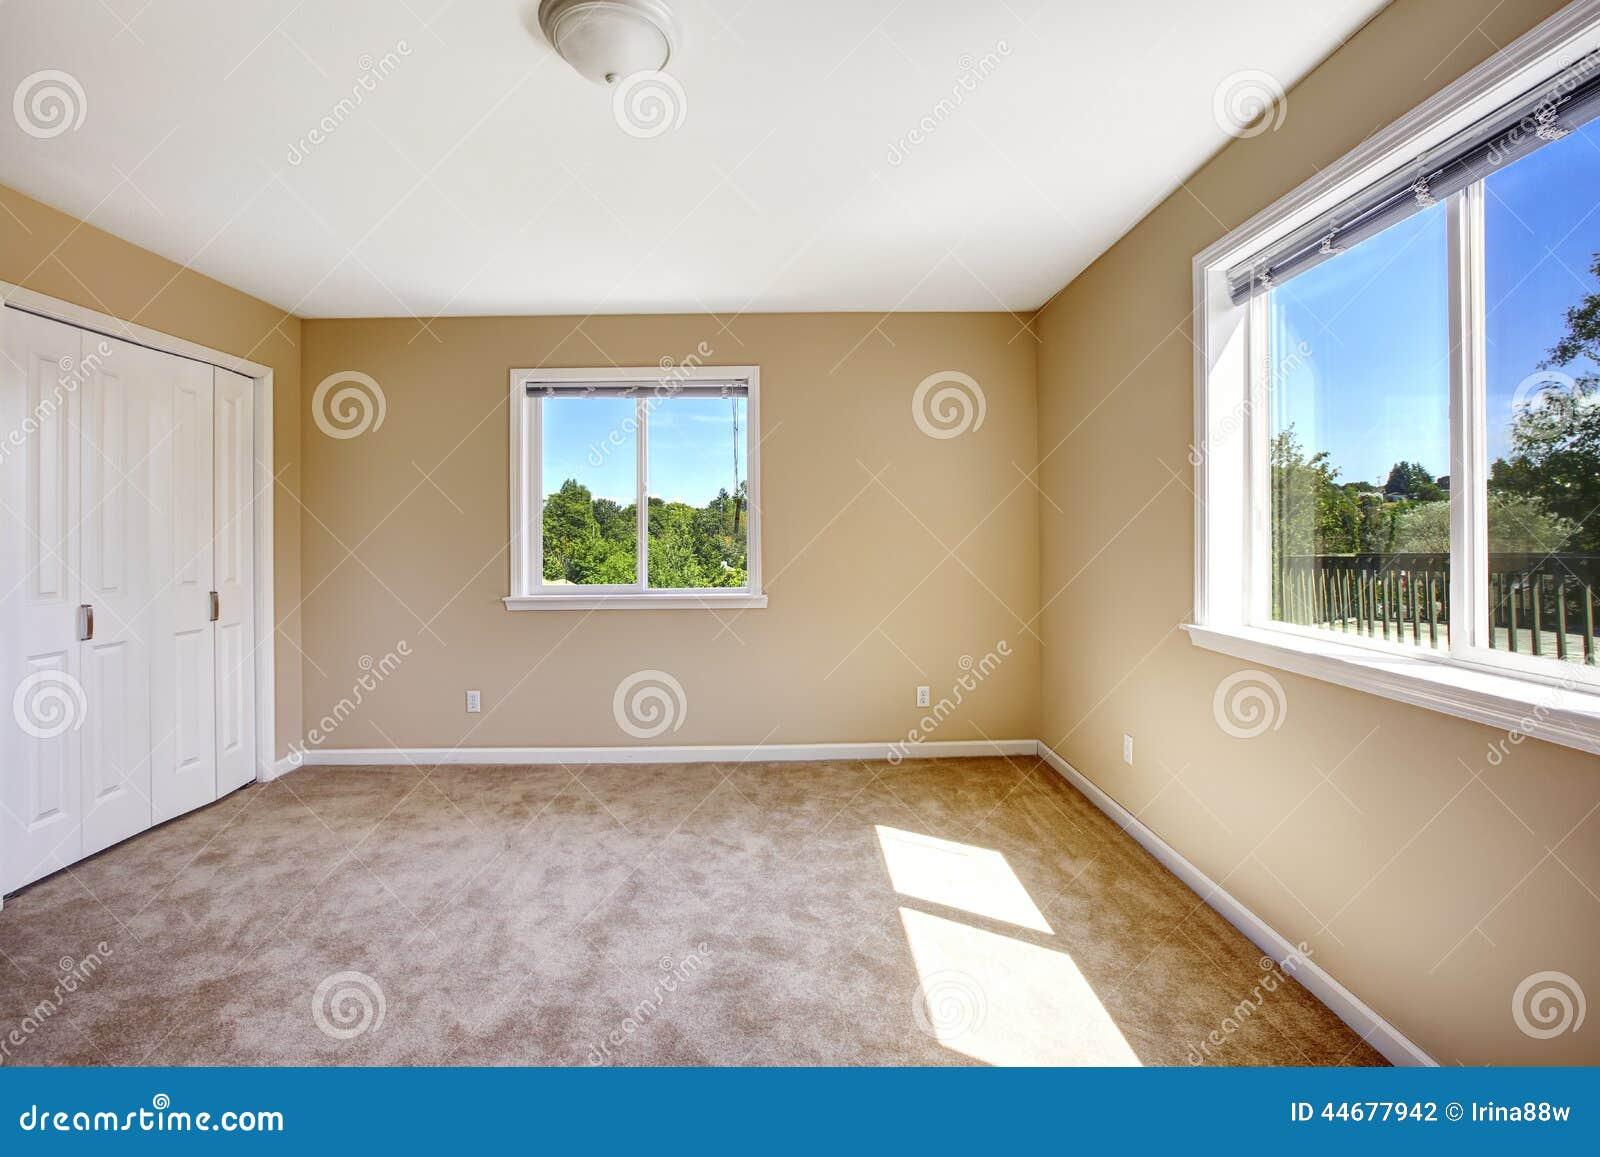 Colori Pareti Casa Beige : Casa vuota stanza con il pavimento di tappeto nel colore beige